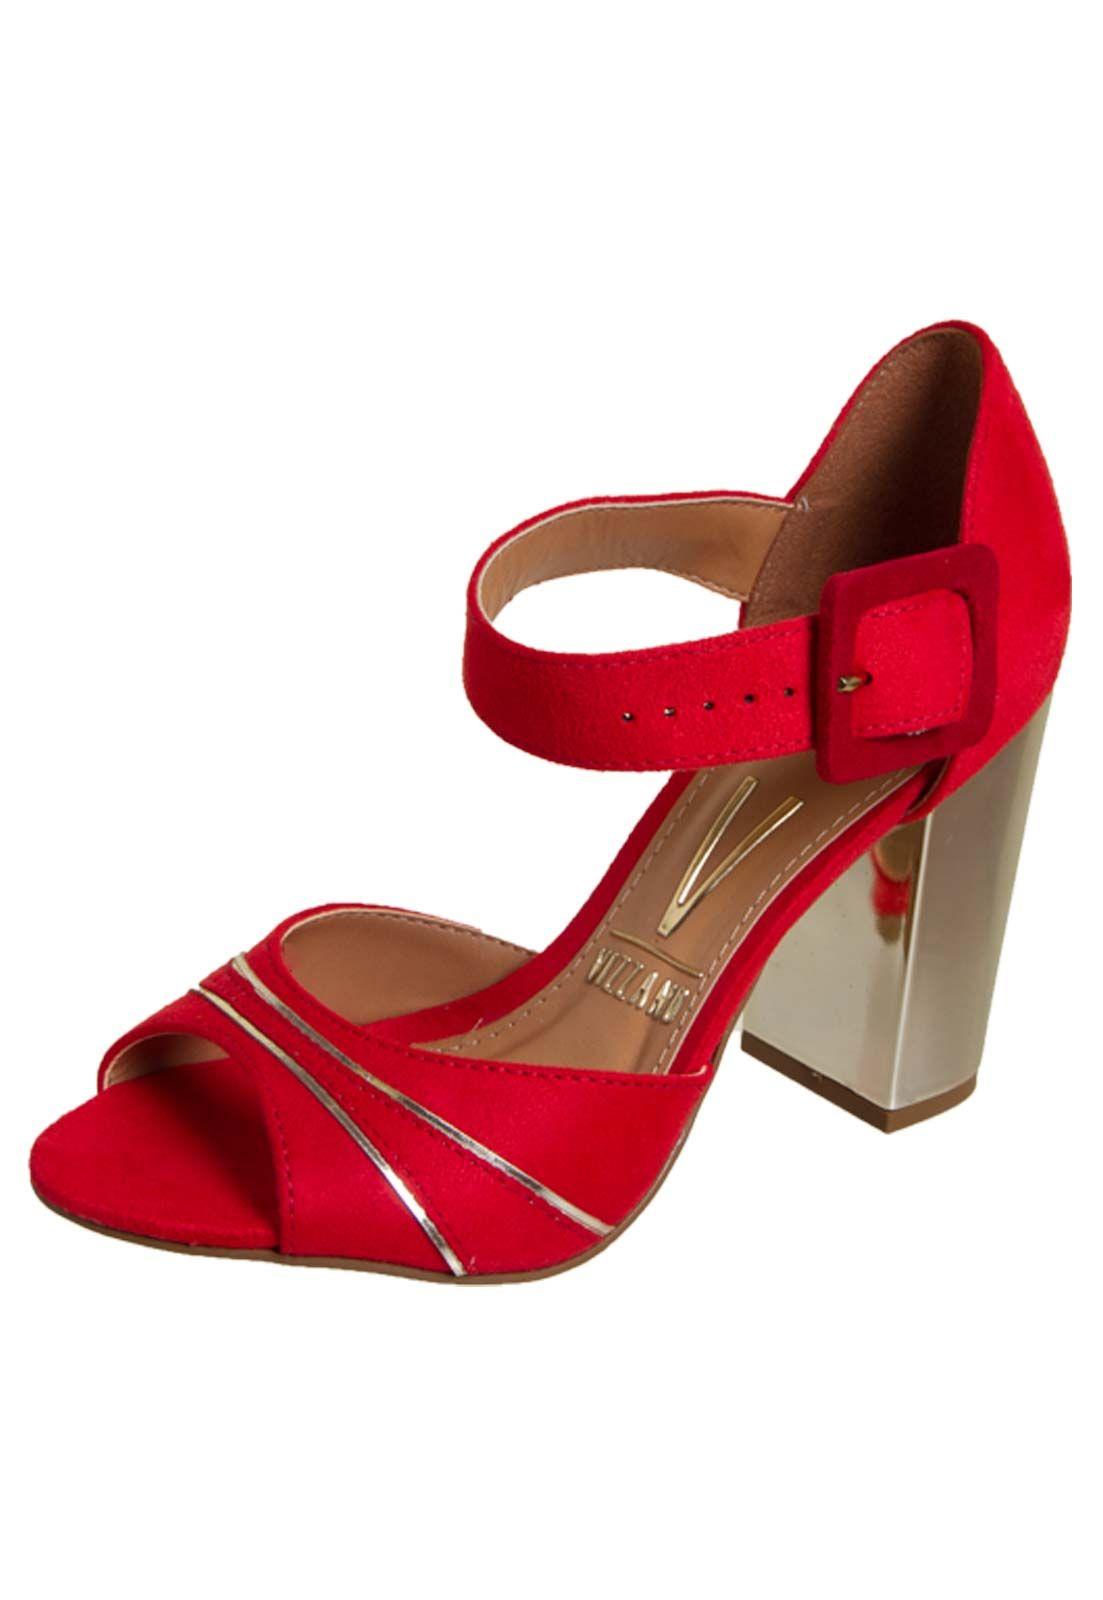 9ab5cbe4c Pin de Nathalia Soares en sapatos lindos | Sapatos lindos y Sapatos